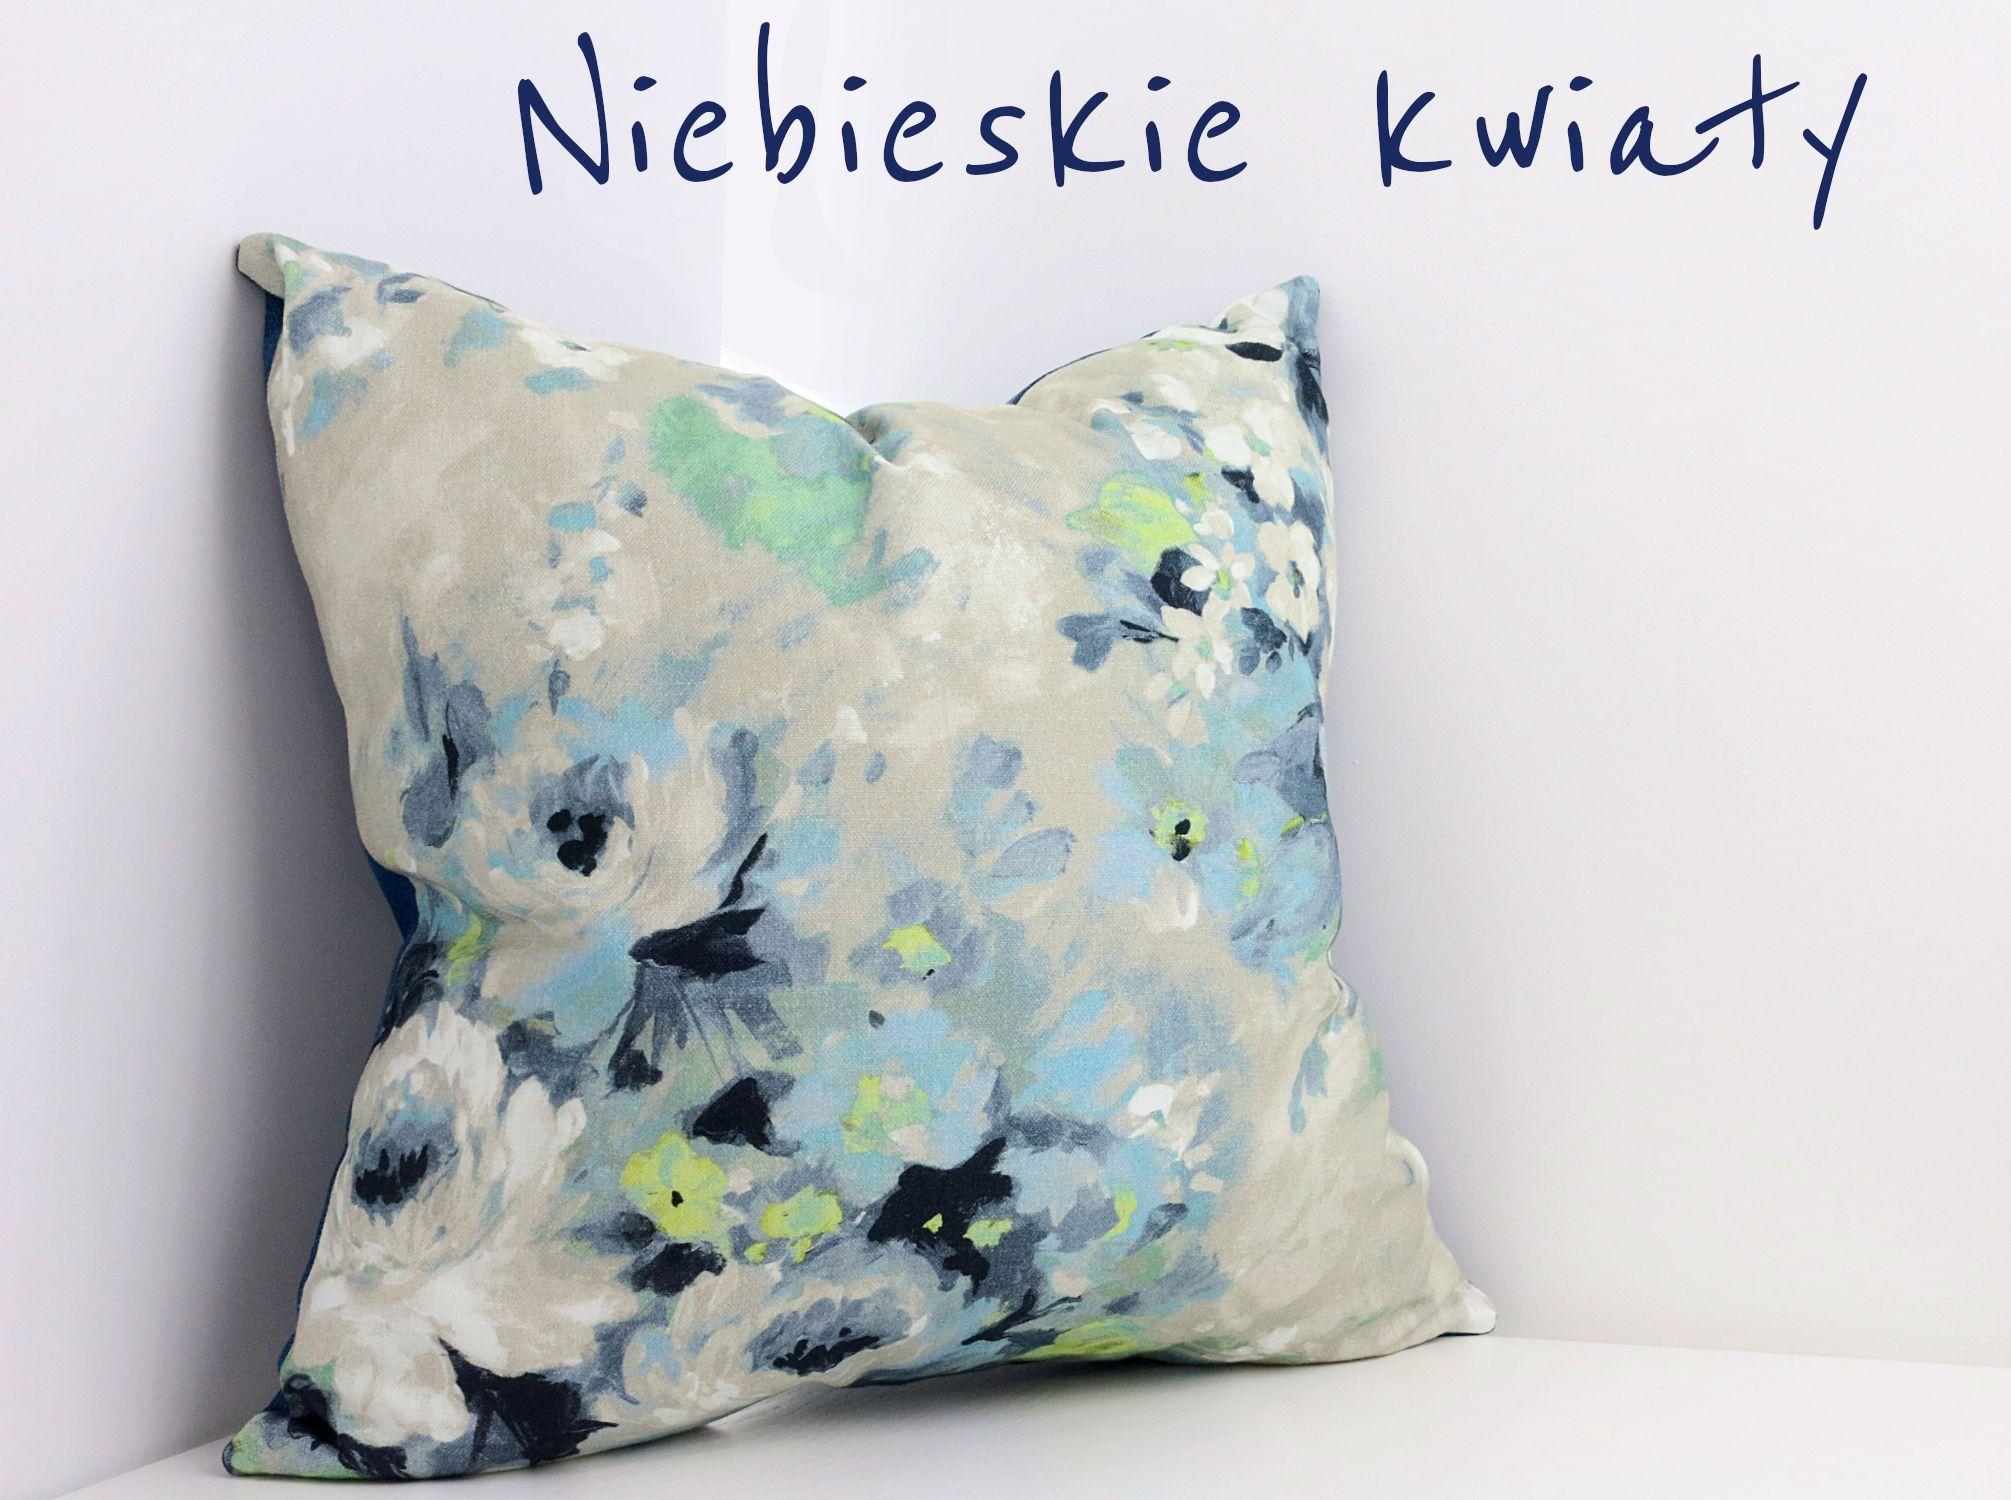 Poduszka Dekoracyjna W Malowane Kwiaty Kwiatowe Wzory Sa Bardzo Modne Ozywiaja Wnetrza I Dodaja Im Energii Wpasuja Sie W Kazde Wne Pillows Throw Pillows Bed